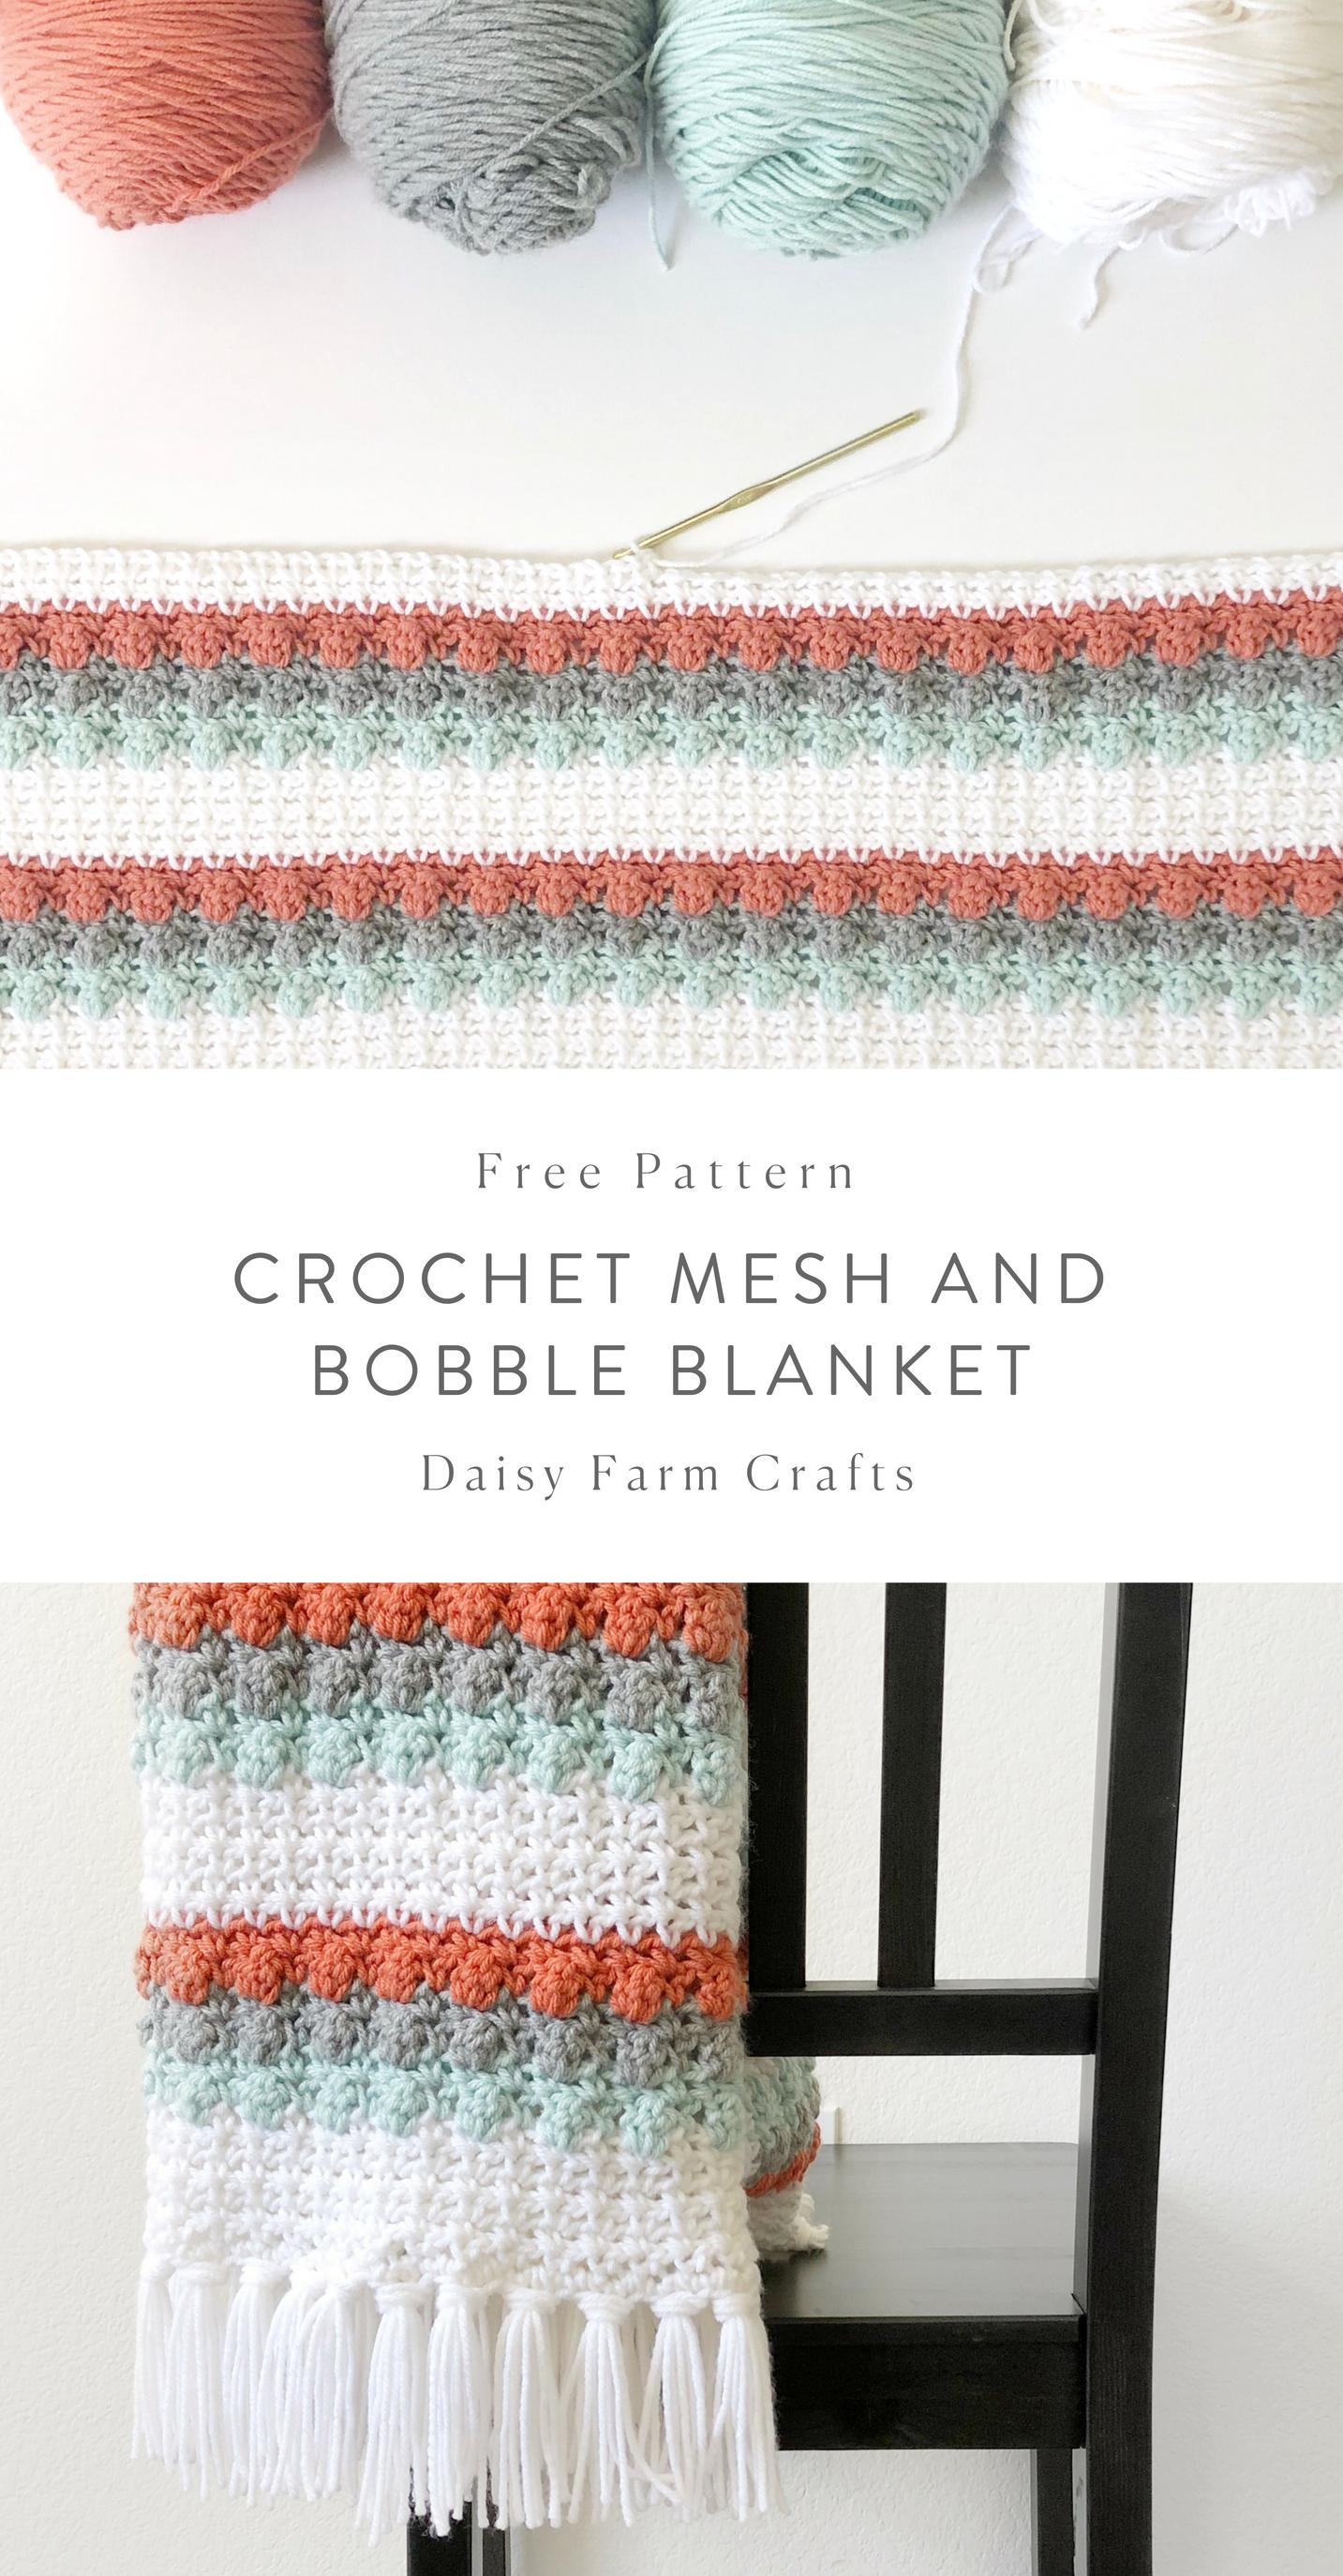 Free Pattern Crochet Mesh And Bobble Blanket Crochet Crochet